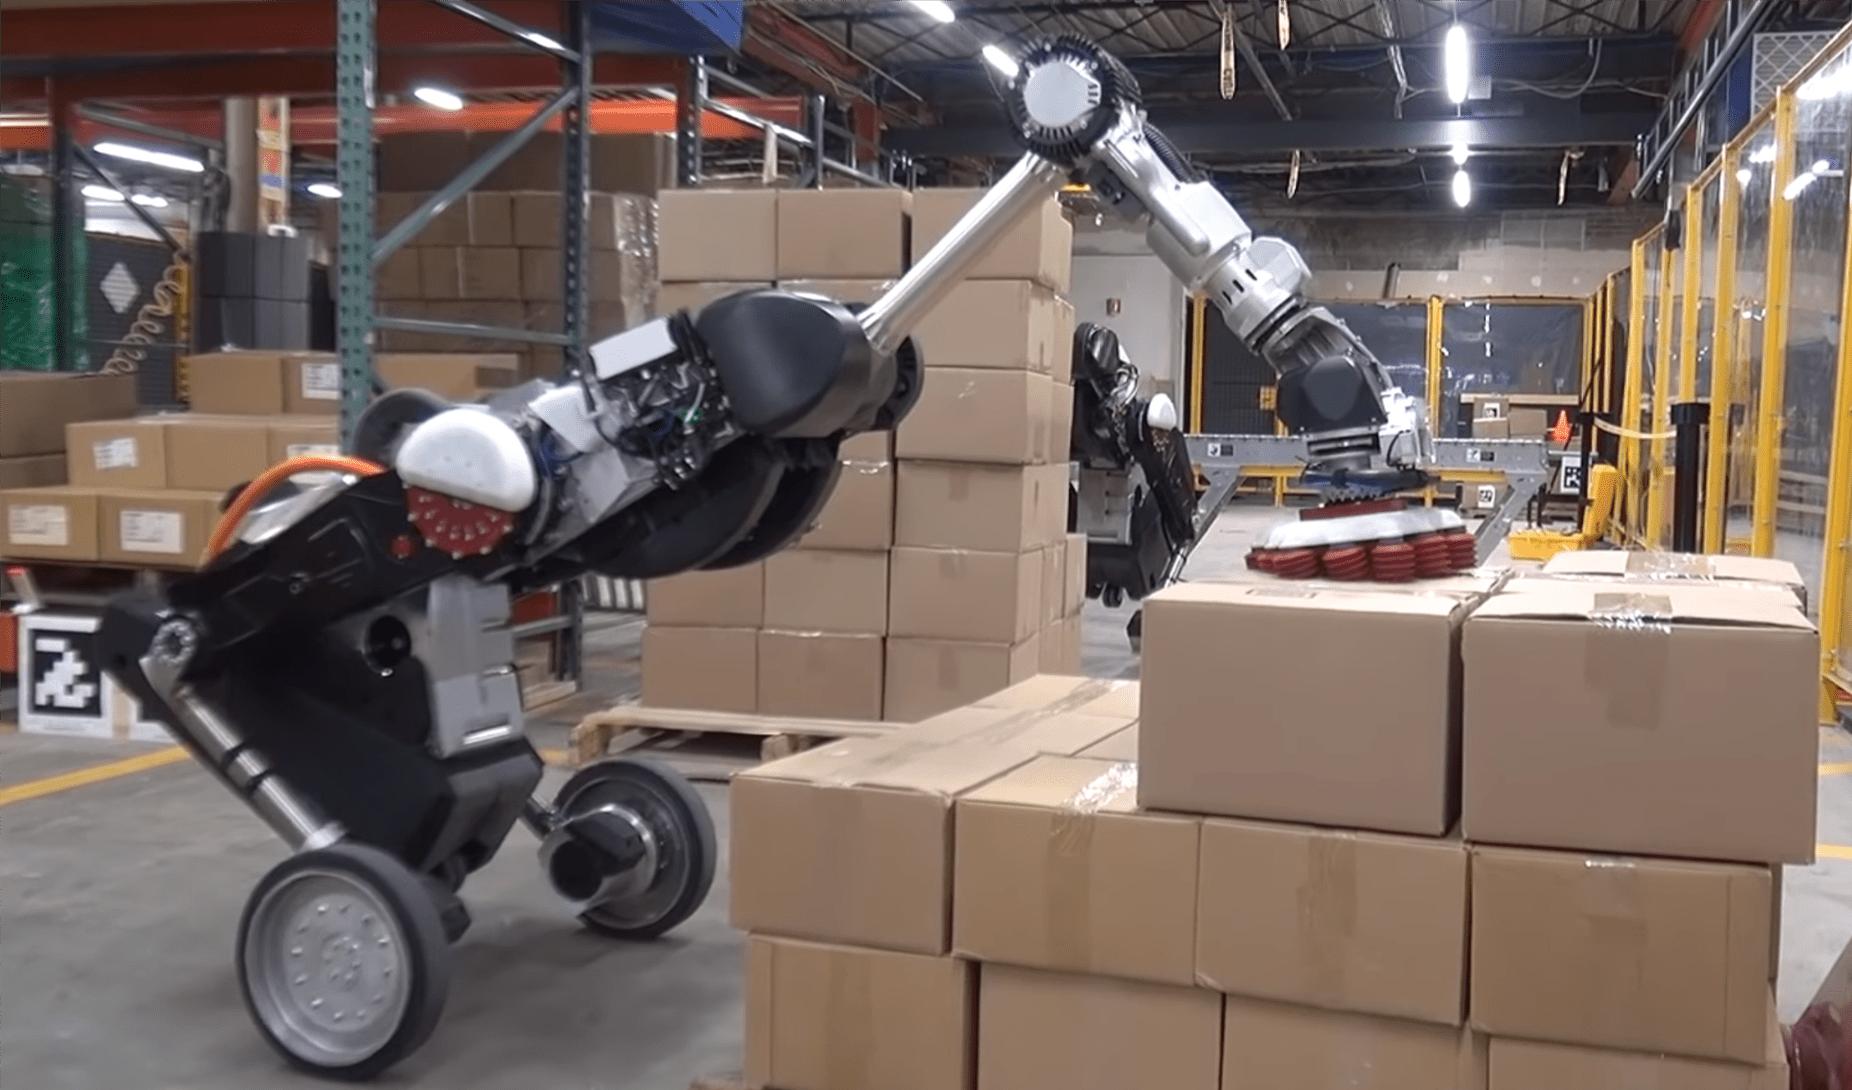 Robot Boston Dynamics nie boi się pracy w magazynie. Układa na paletach 15-kilogramowe pudła